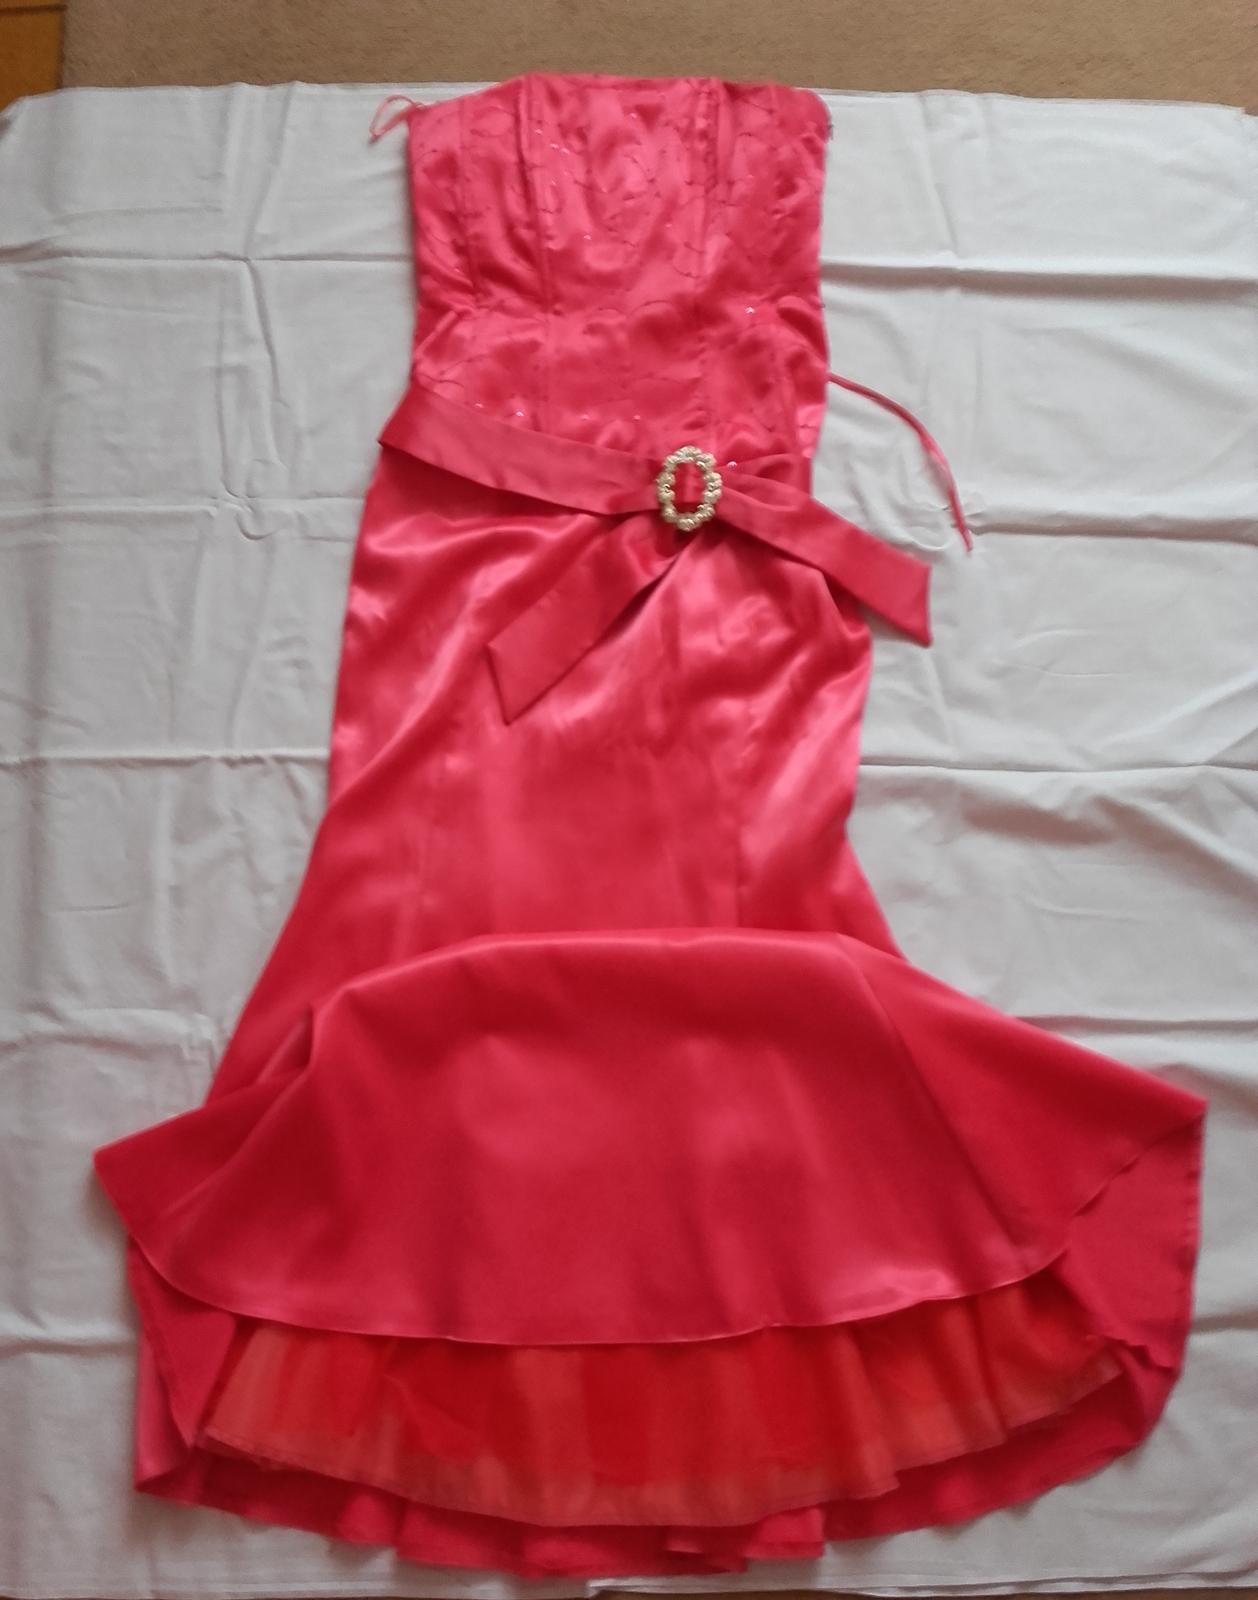 Dlhé spoločenské korzetové šaty, veľkosť č. 36/38 - Obrázok č. 2